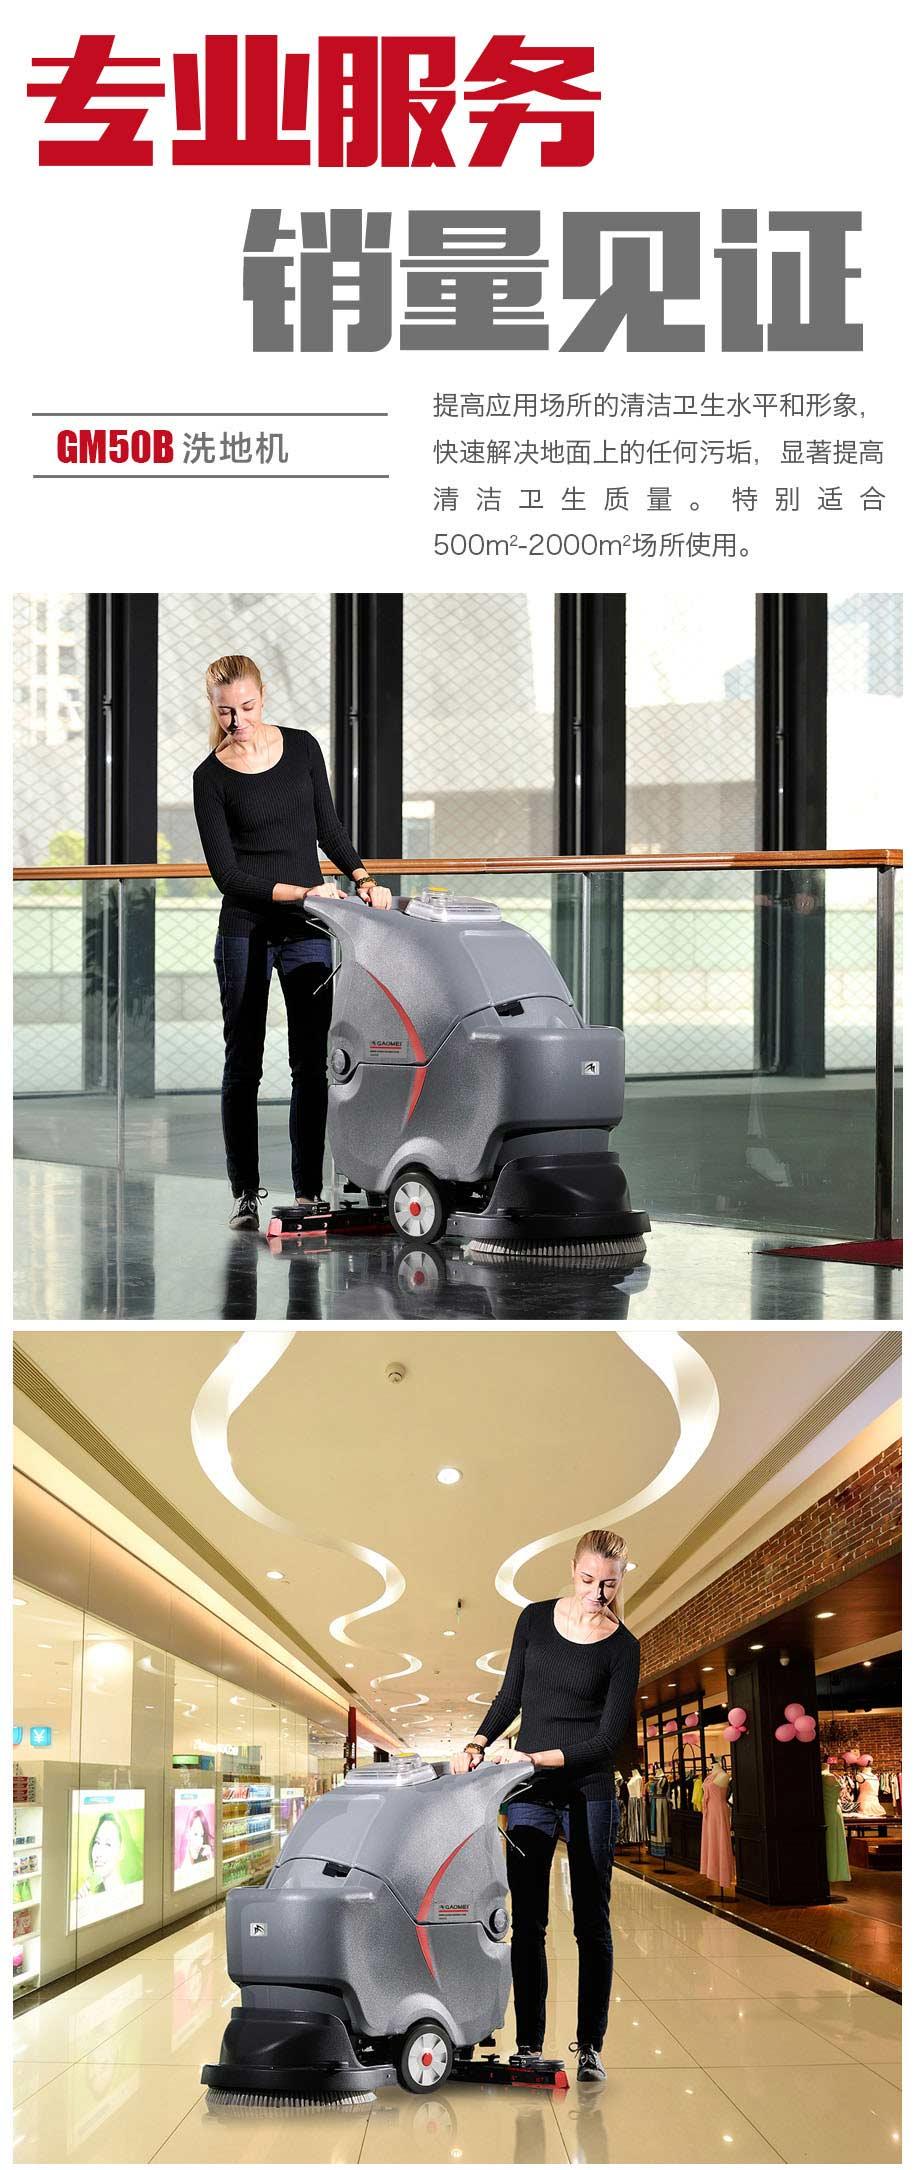 手推式洗地机,全自动洗地机,电瓶洗地机,高美GM50B